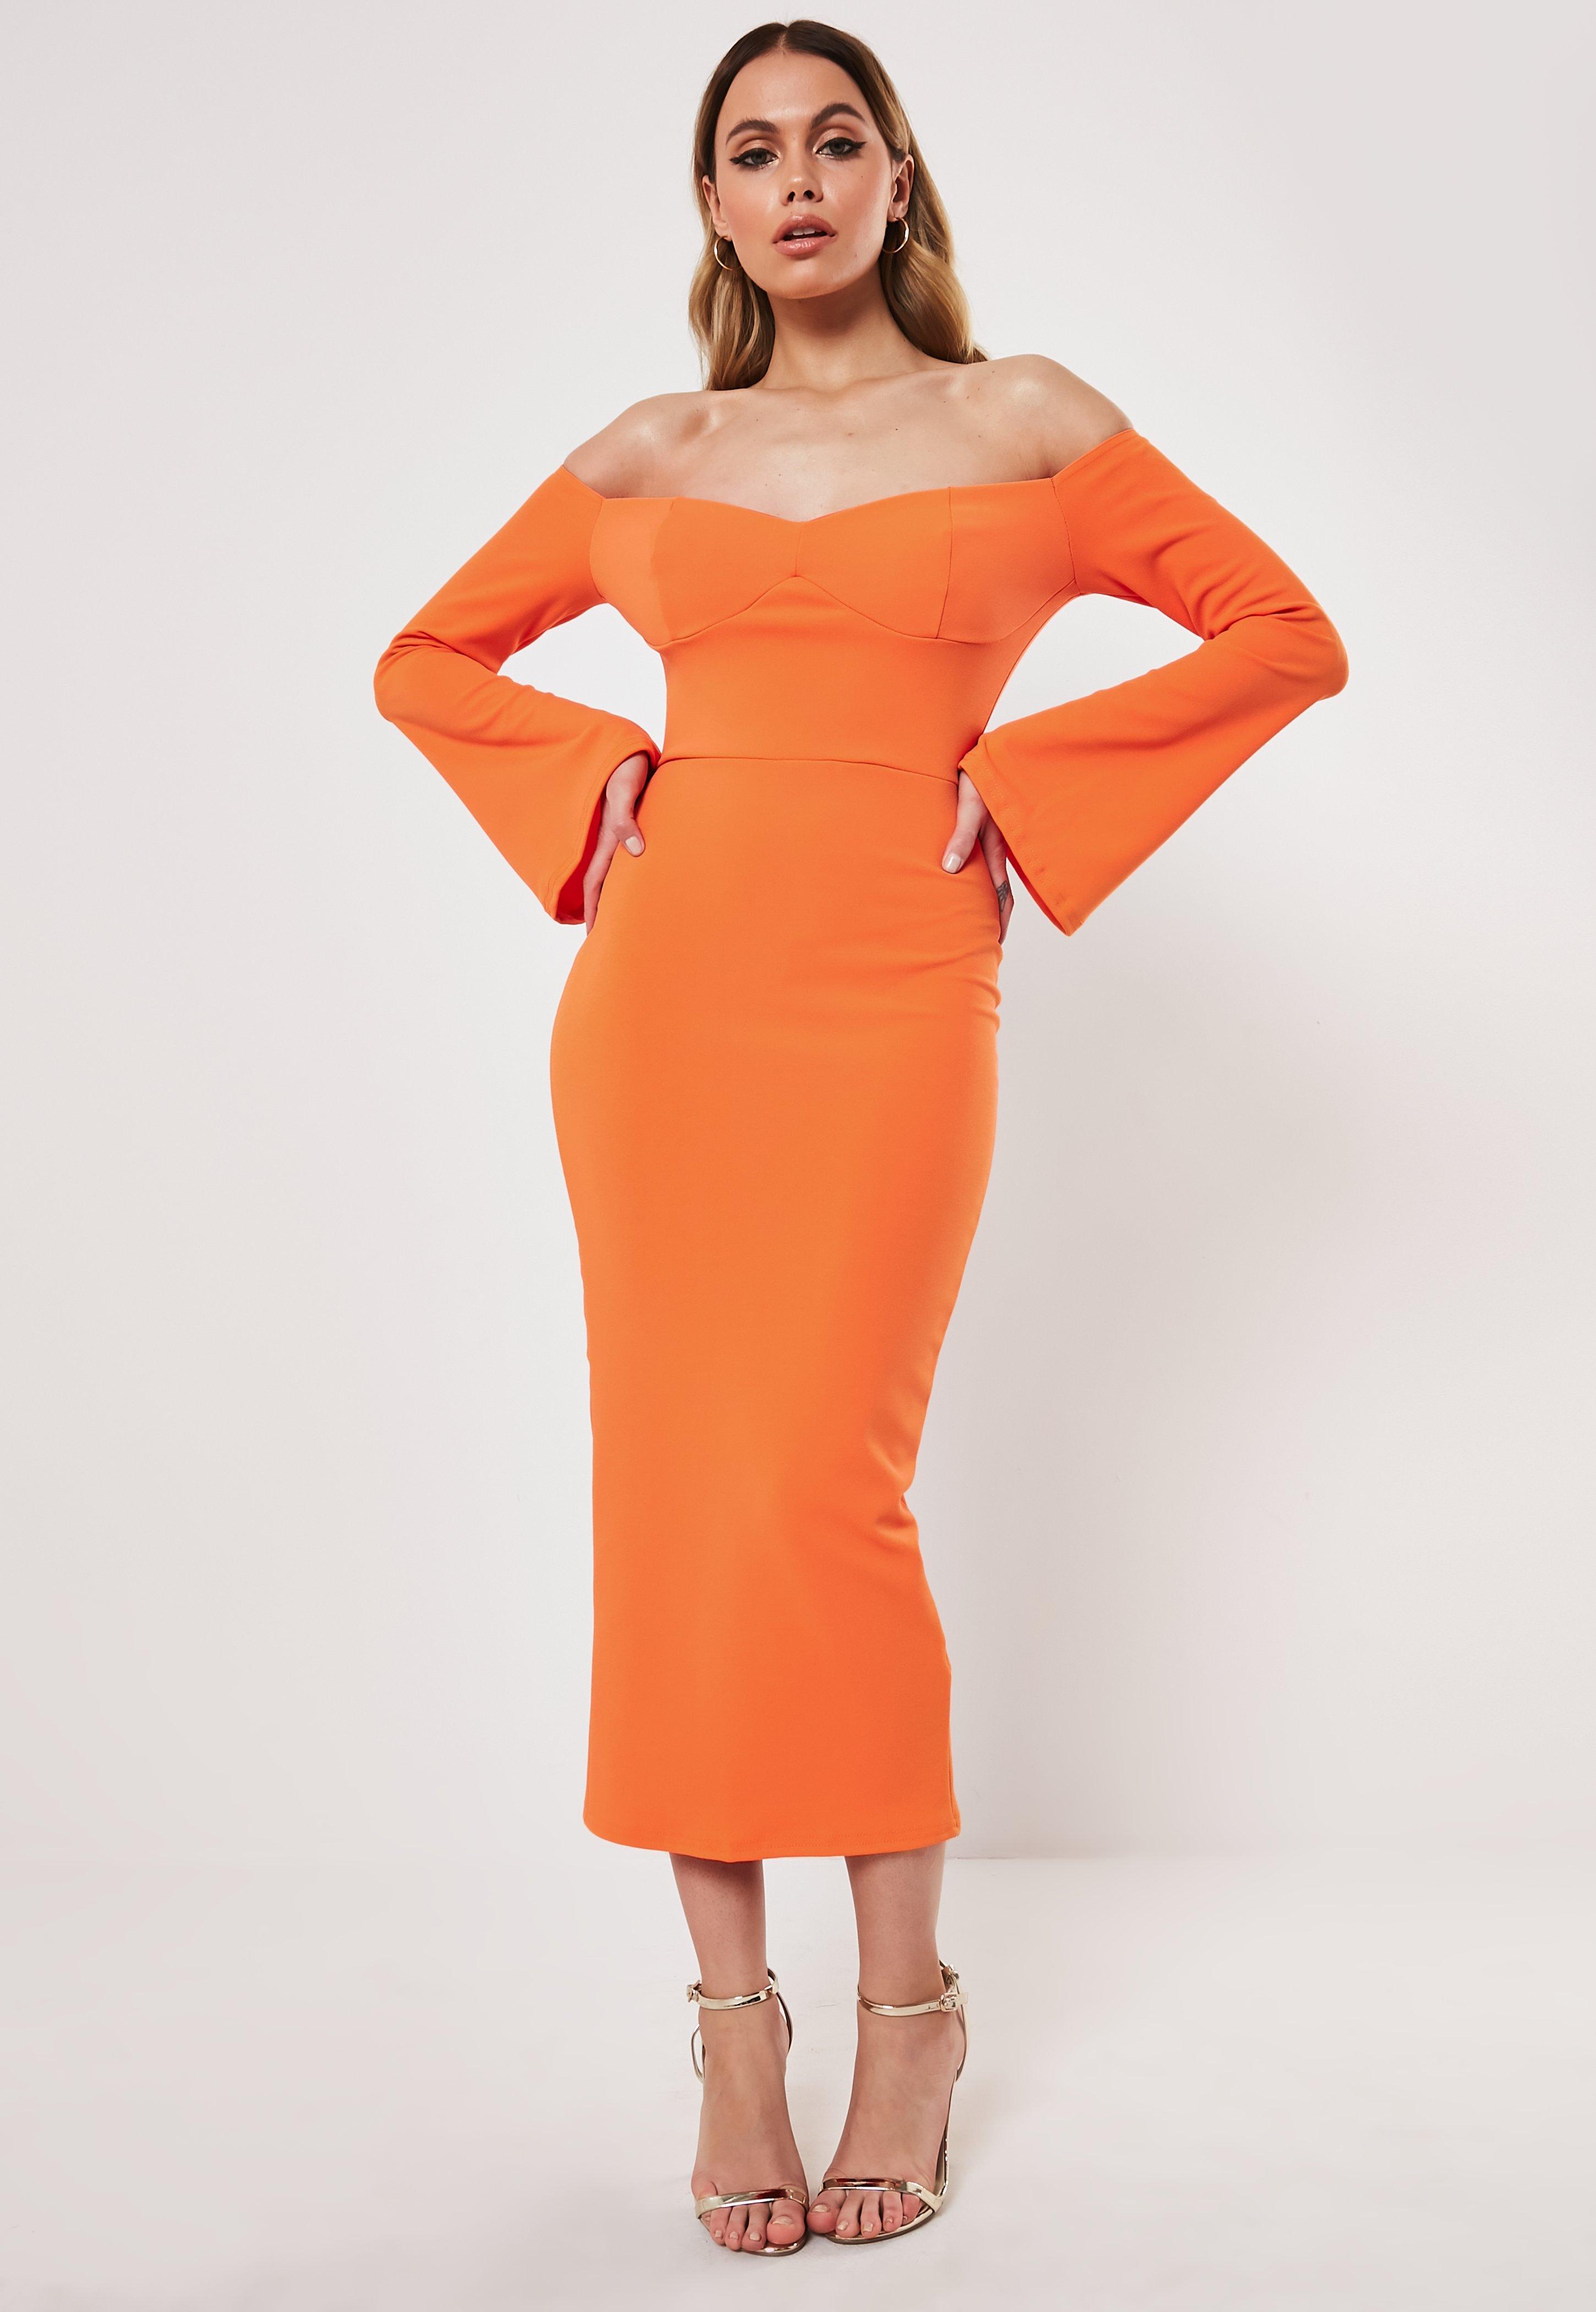 Orange Rust Orange Missguided DressesBurntamp; DressesBurntamp; Missguided Rust Orange Lc354ARjqS